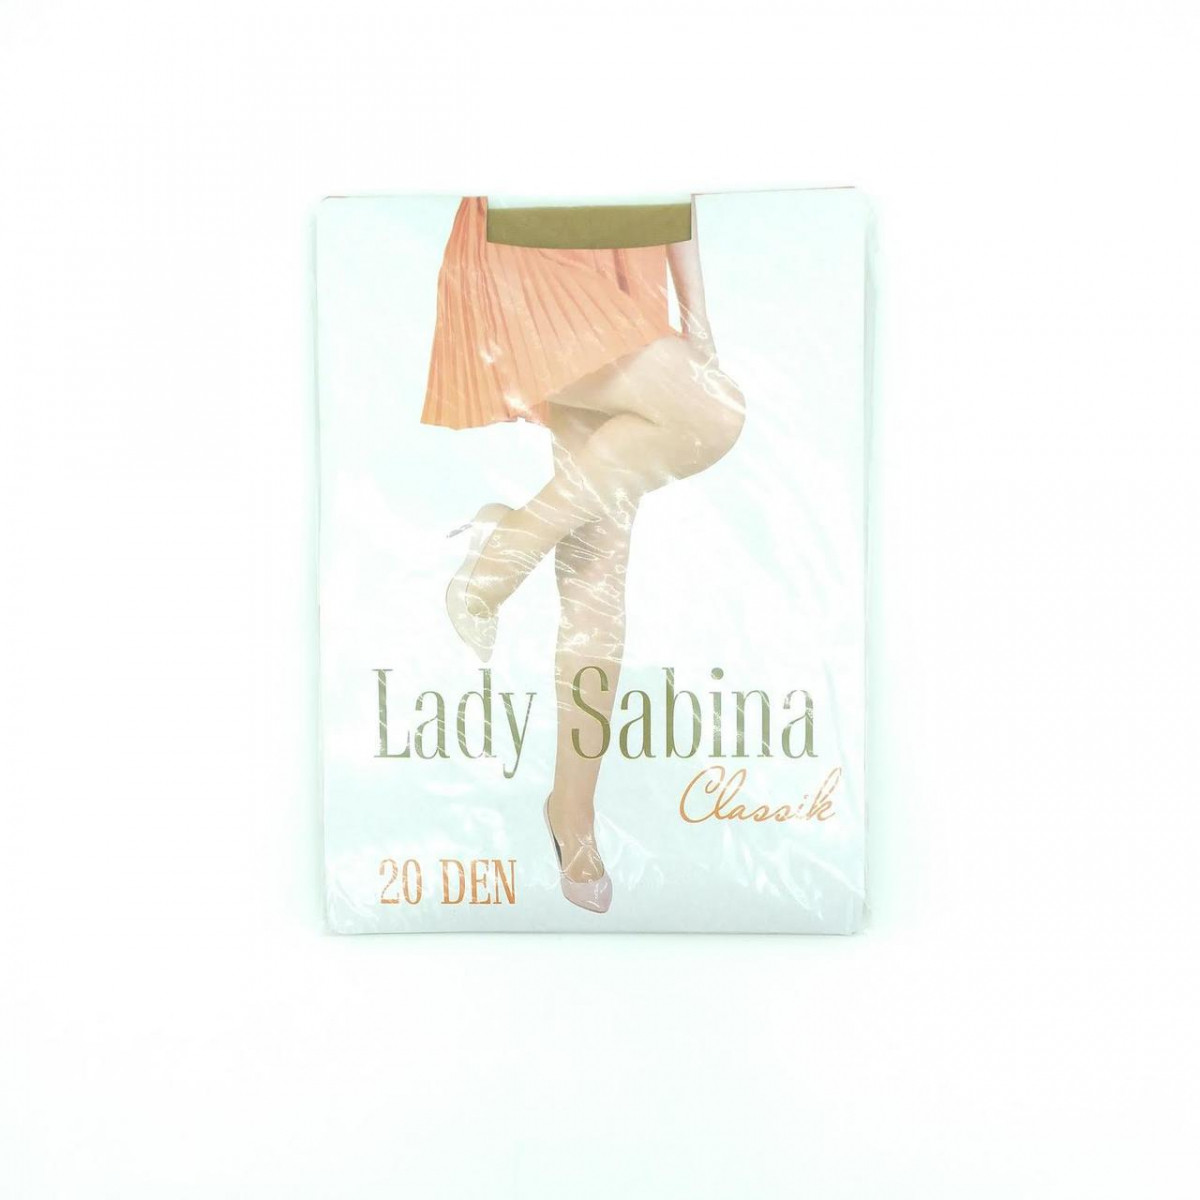 Колготки капроновые женские Lady Sabina, 20DEN, классика, размер2, бежевые, 20024741